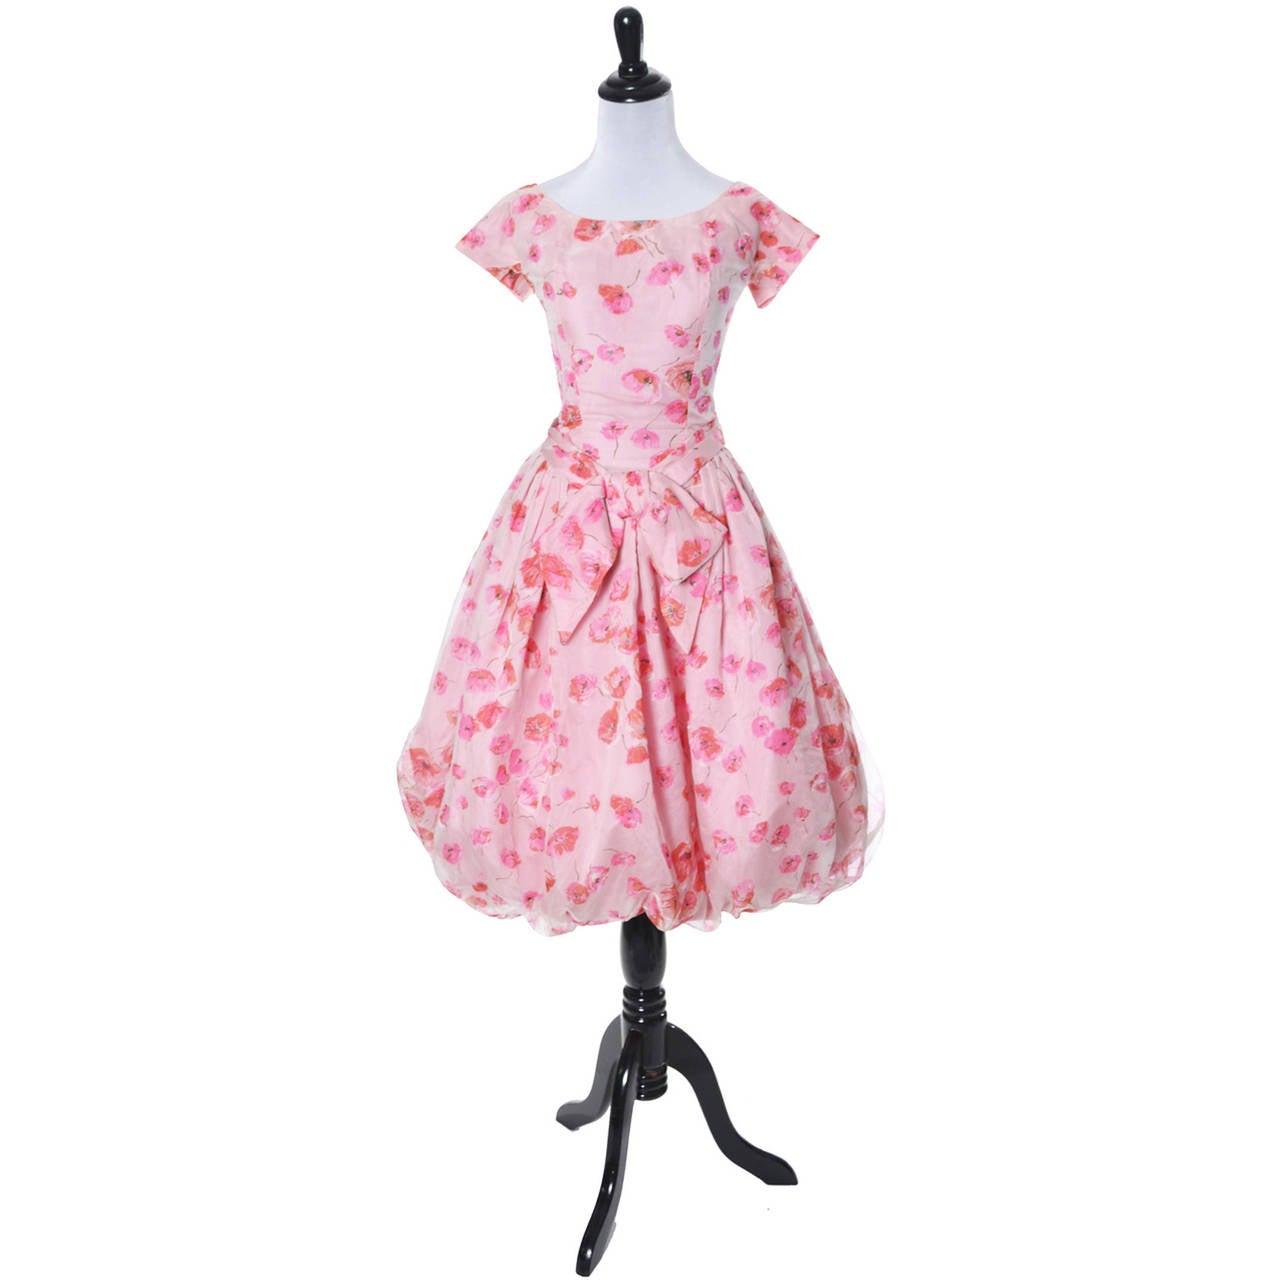 1950s Suzy Perette Vintage Dress Bubble Hem Pink Floral Organza Bow Party Frock 2